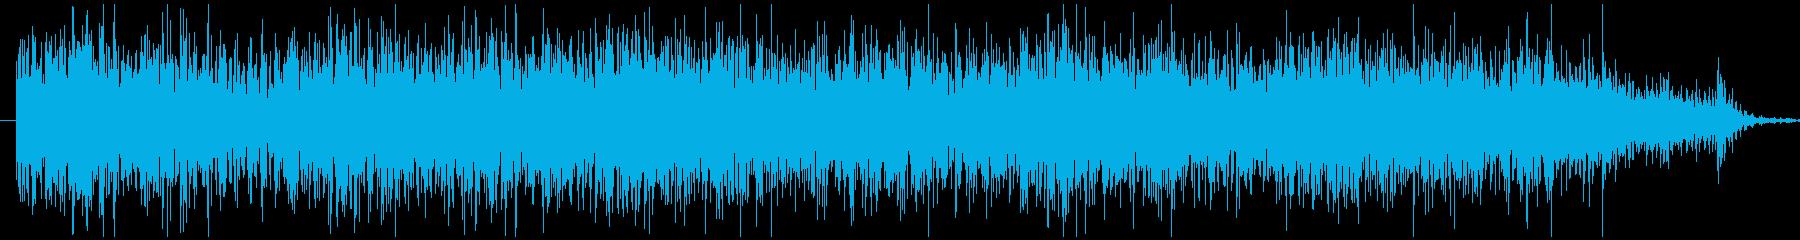 カメラ動作音(デジモノ作動音等)ウィーンの再生済みの波形